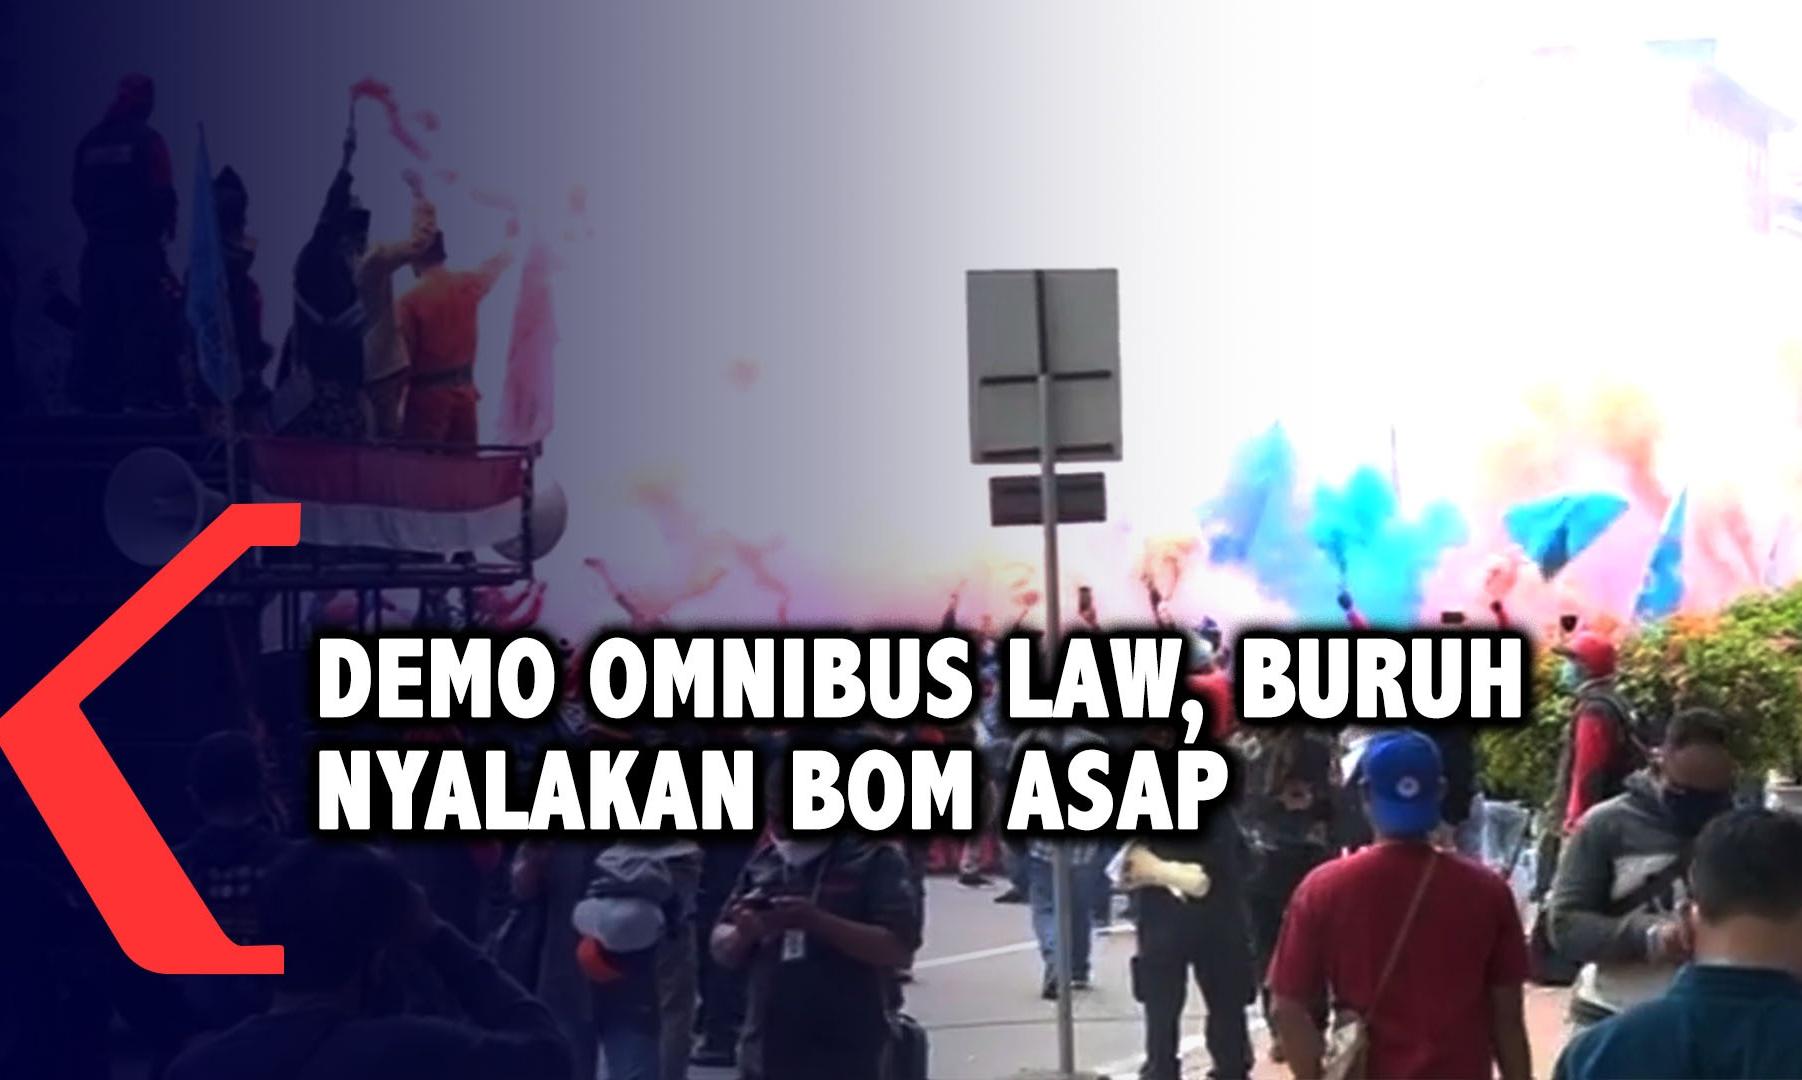 buruh-nyalakan-bom-asap-demo-omnibus-law-di-kawasan-patung-kuda